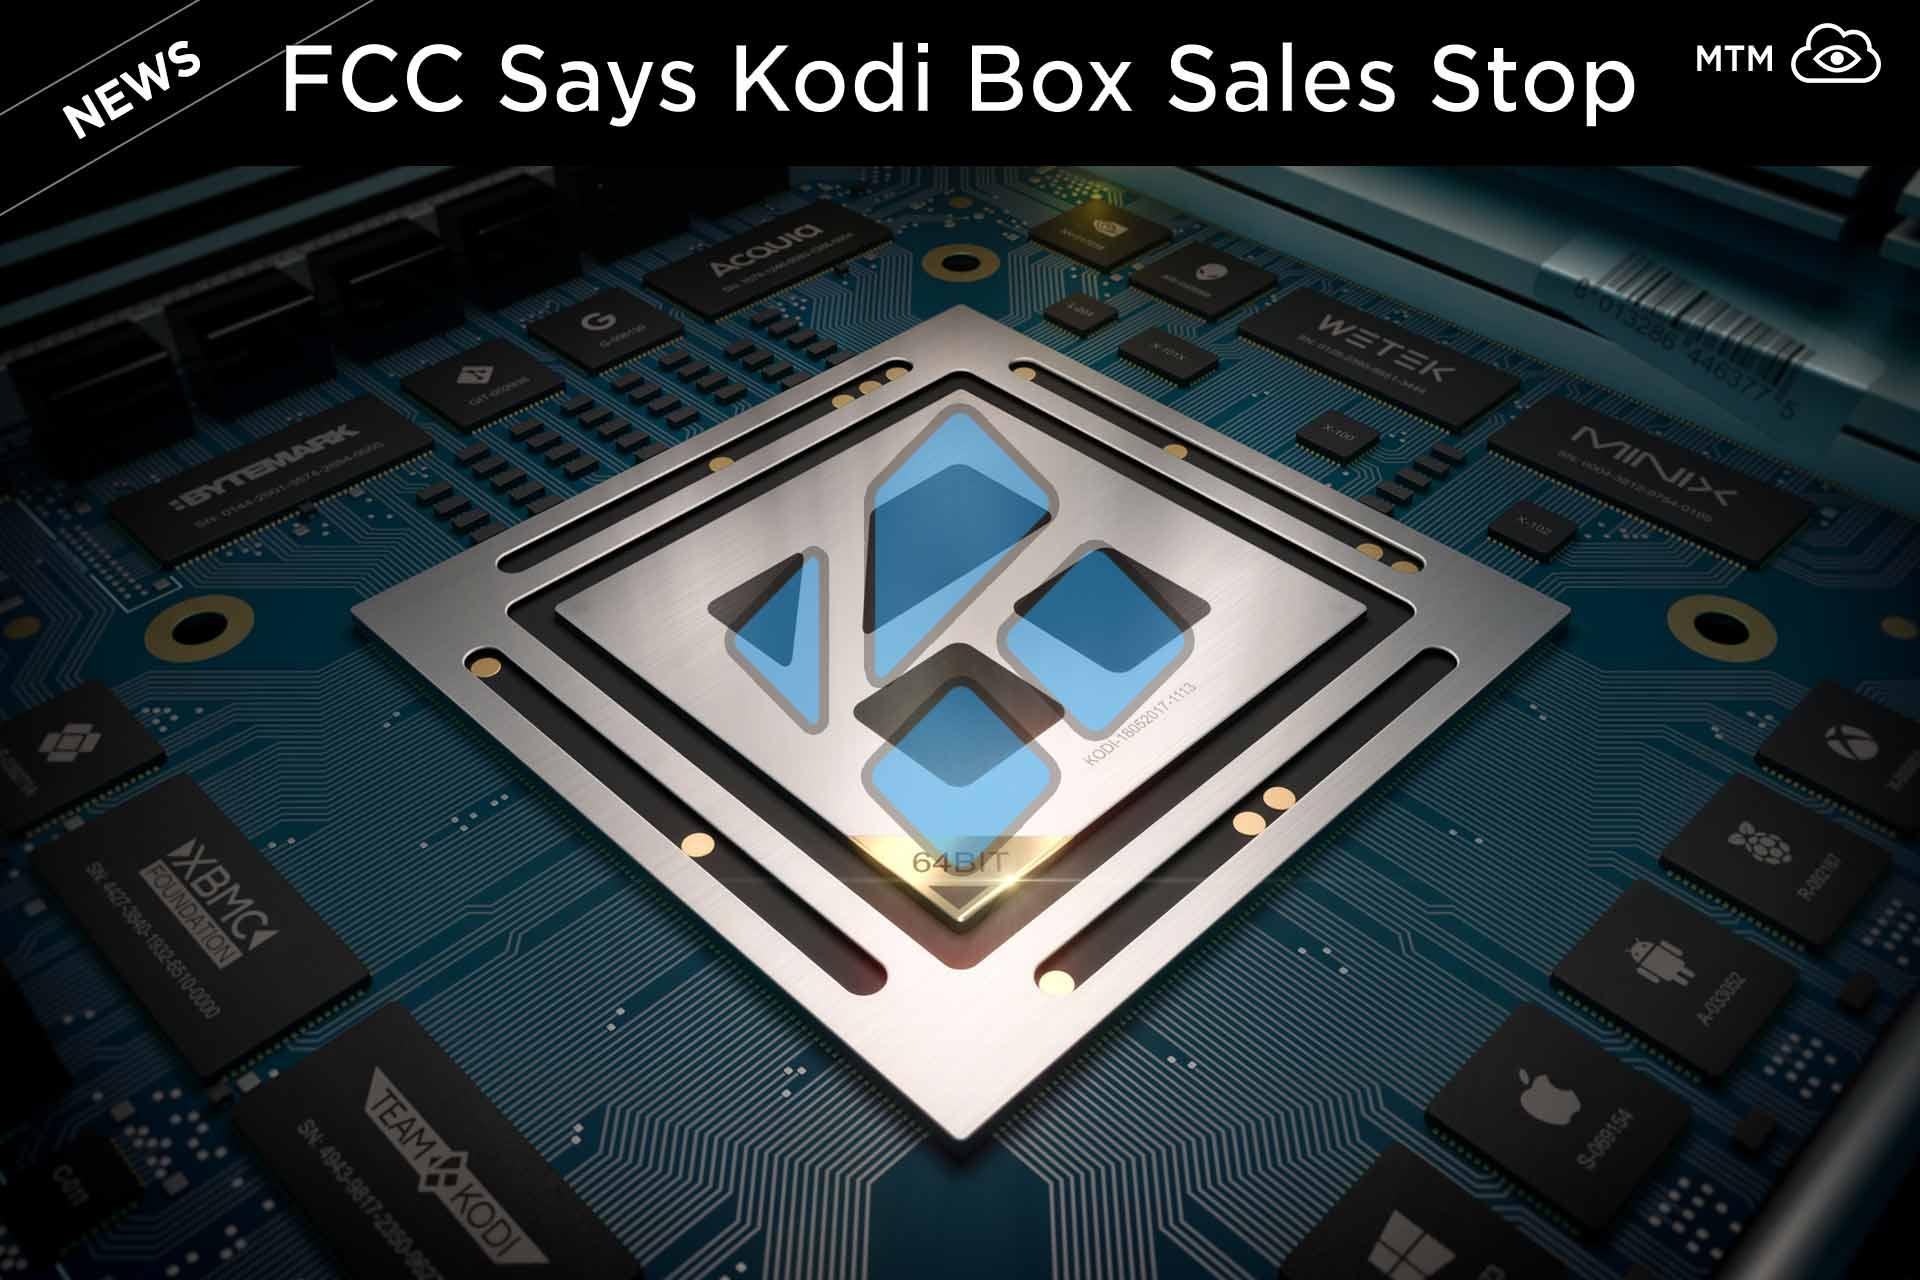 FCC Eskatzen du Amazon & eBay Kodi kutxak saltzen uzteko